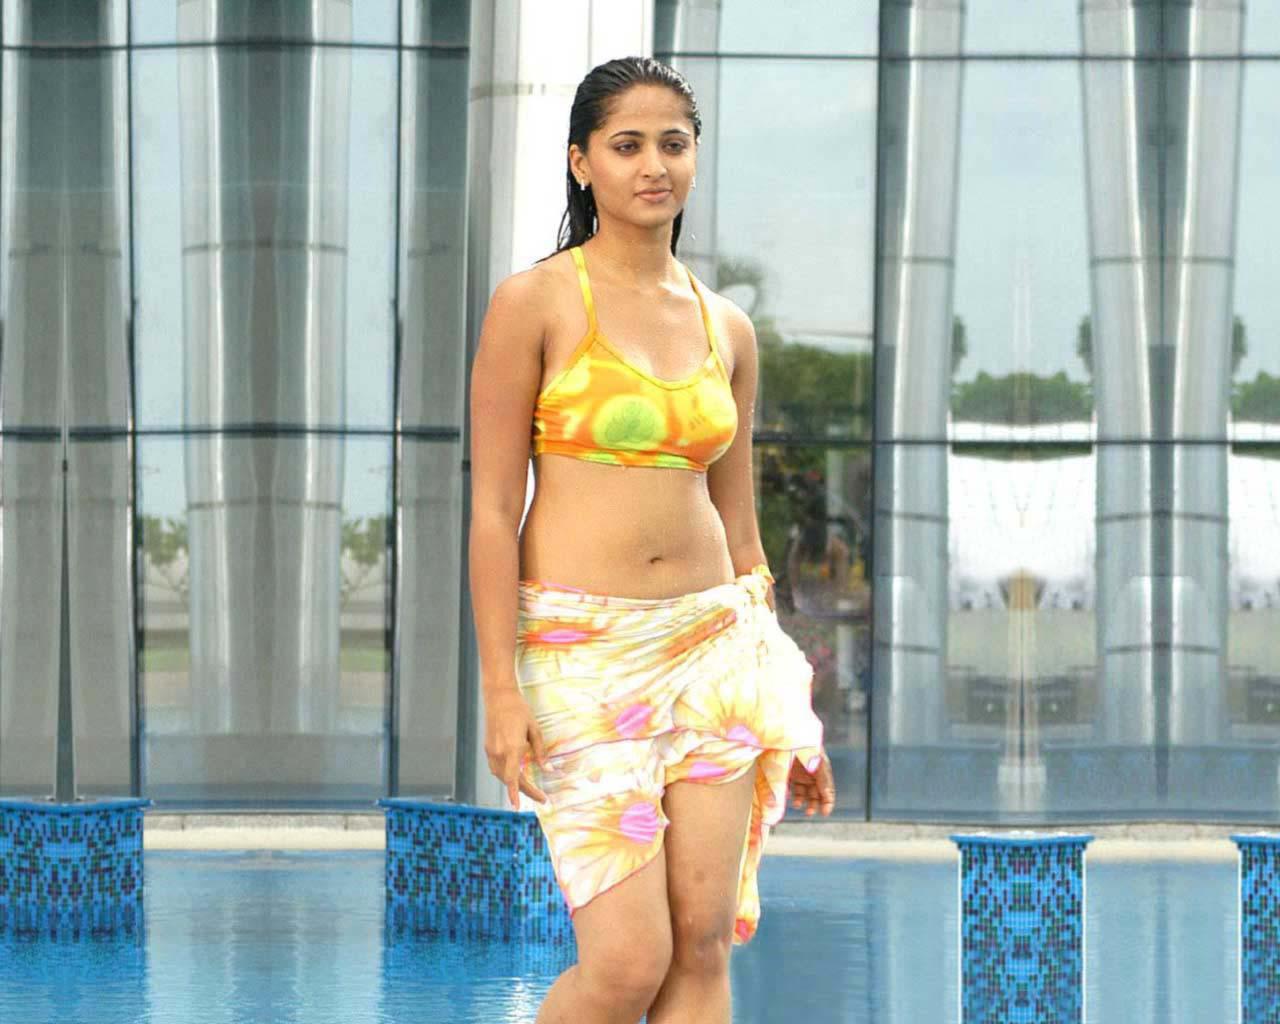 Anushka bikini video from billa